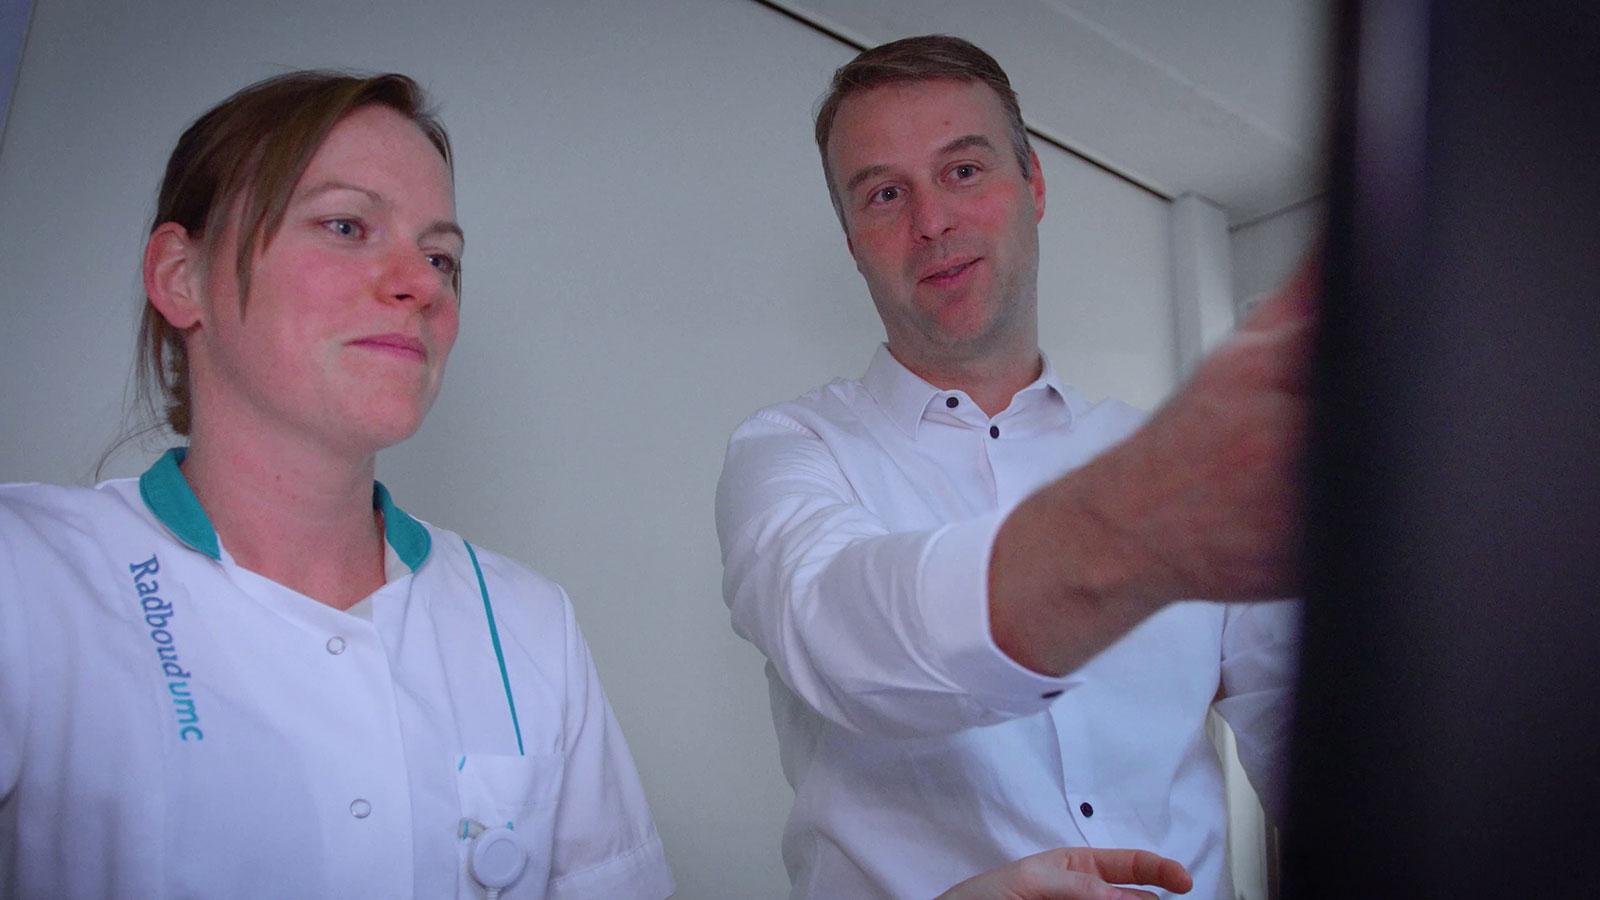 videoproductie laten maken artsen in ziekenhuis